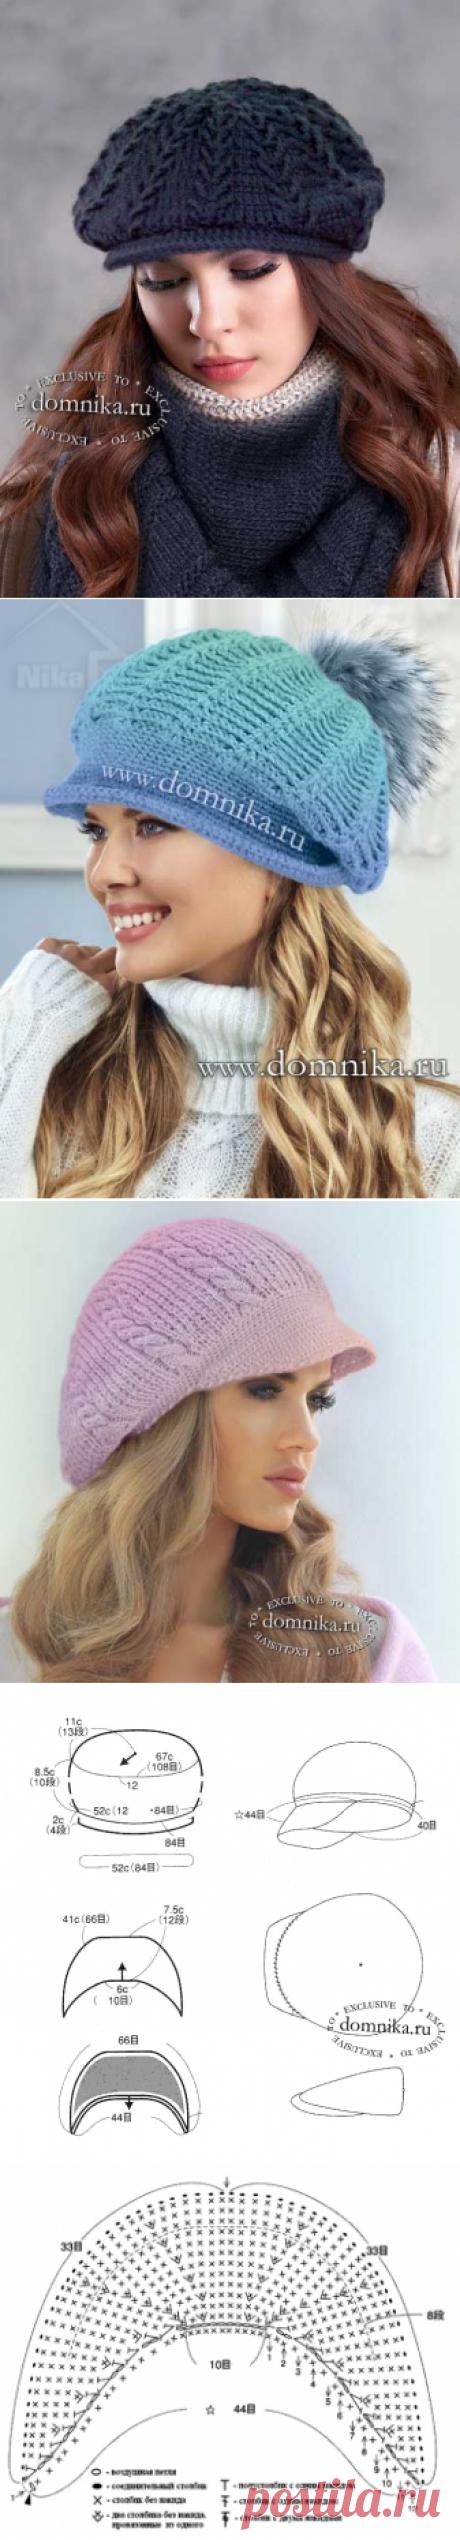 Женские вязаные кепки и береты - 8 фото, схемы, описания женских кепи